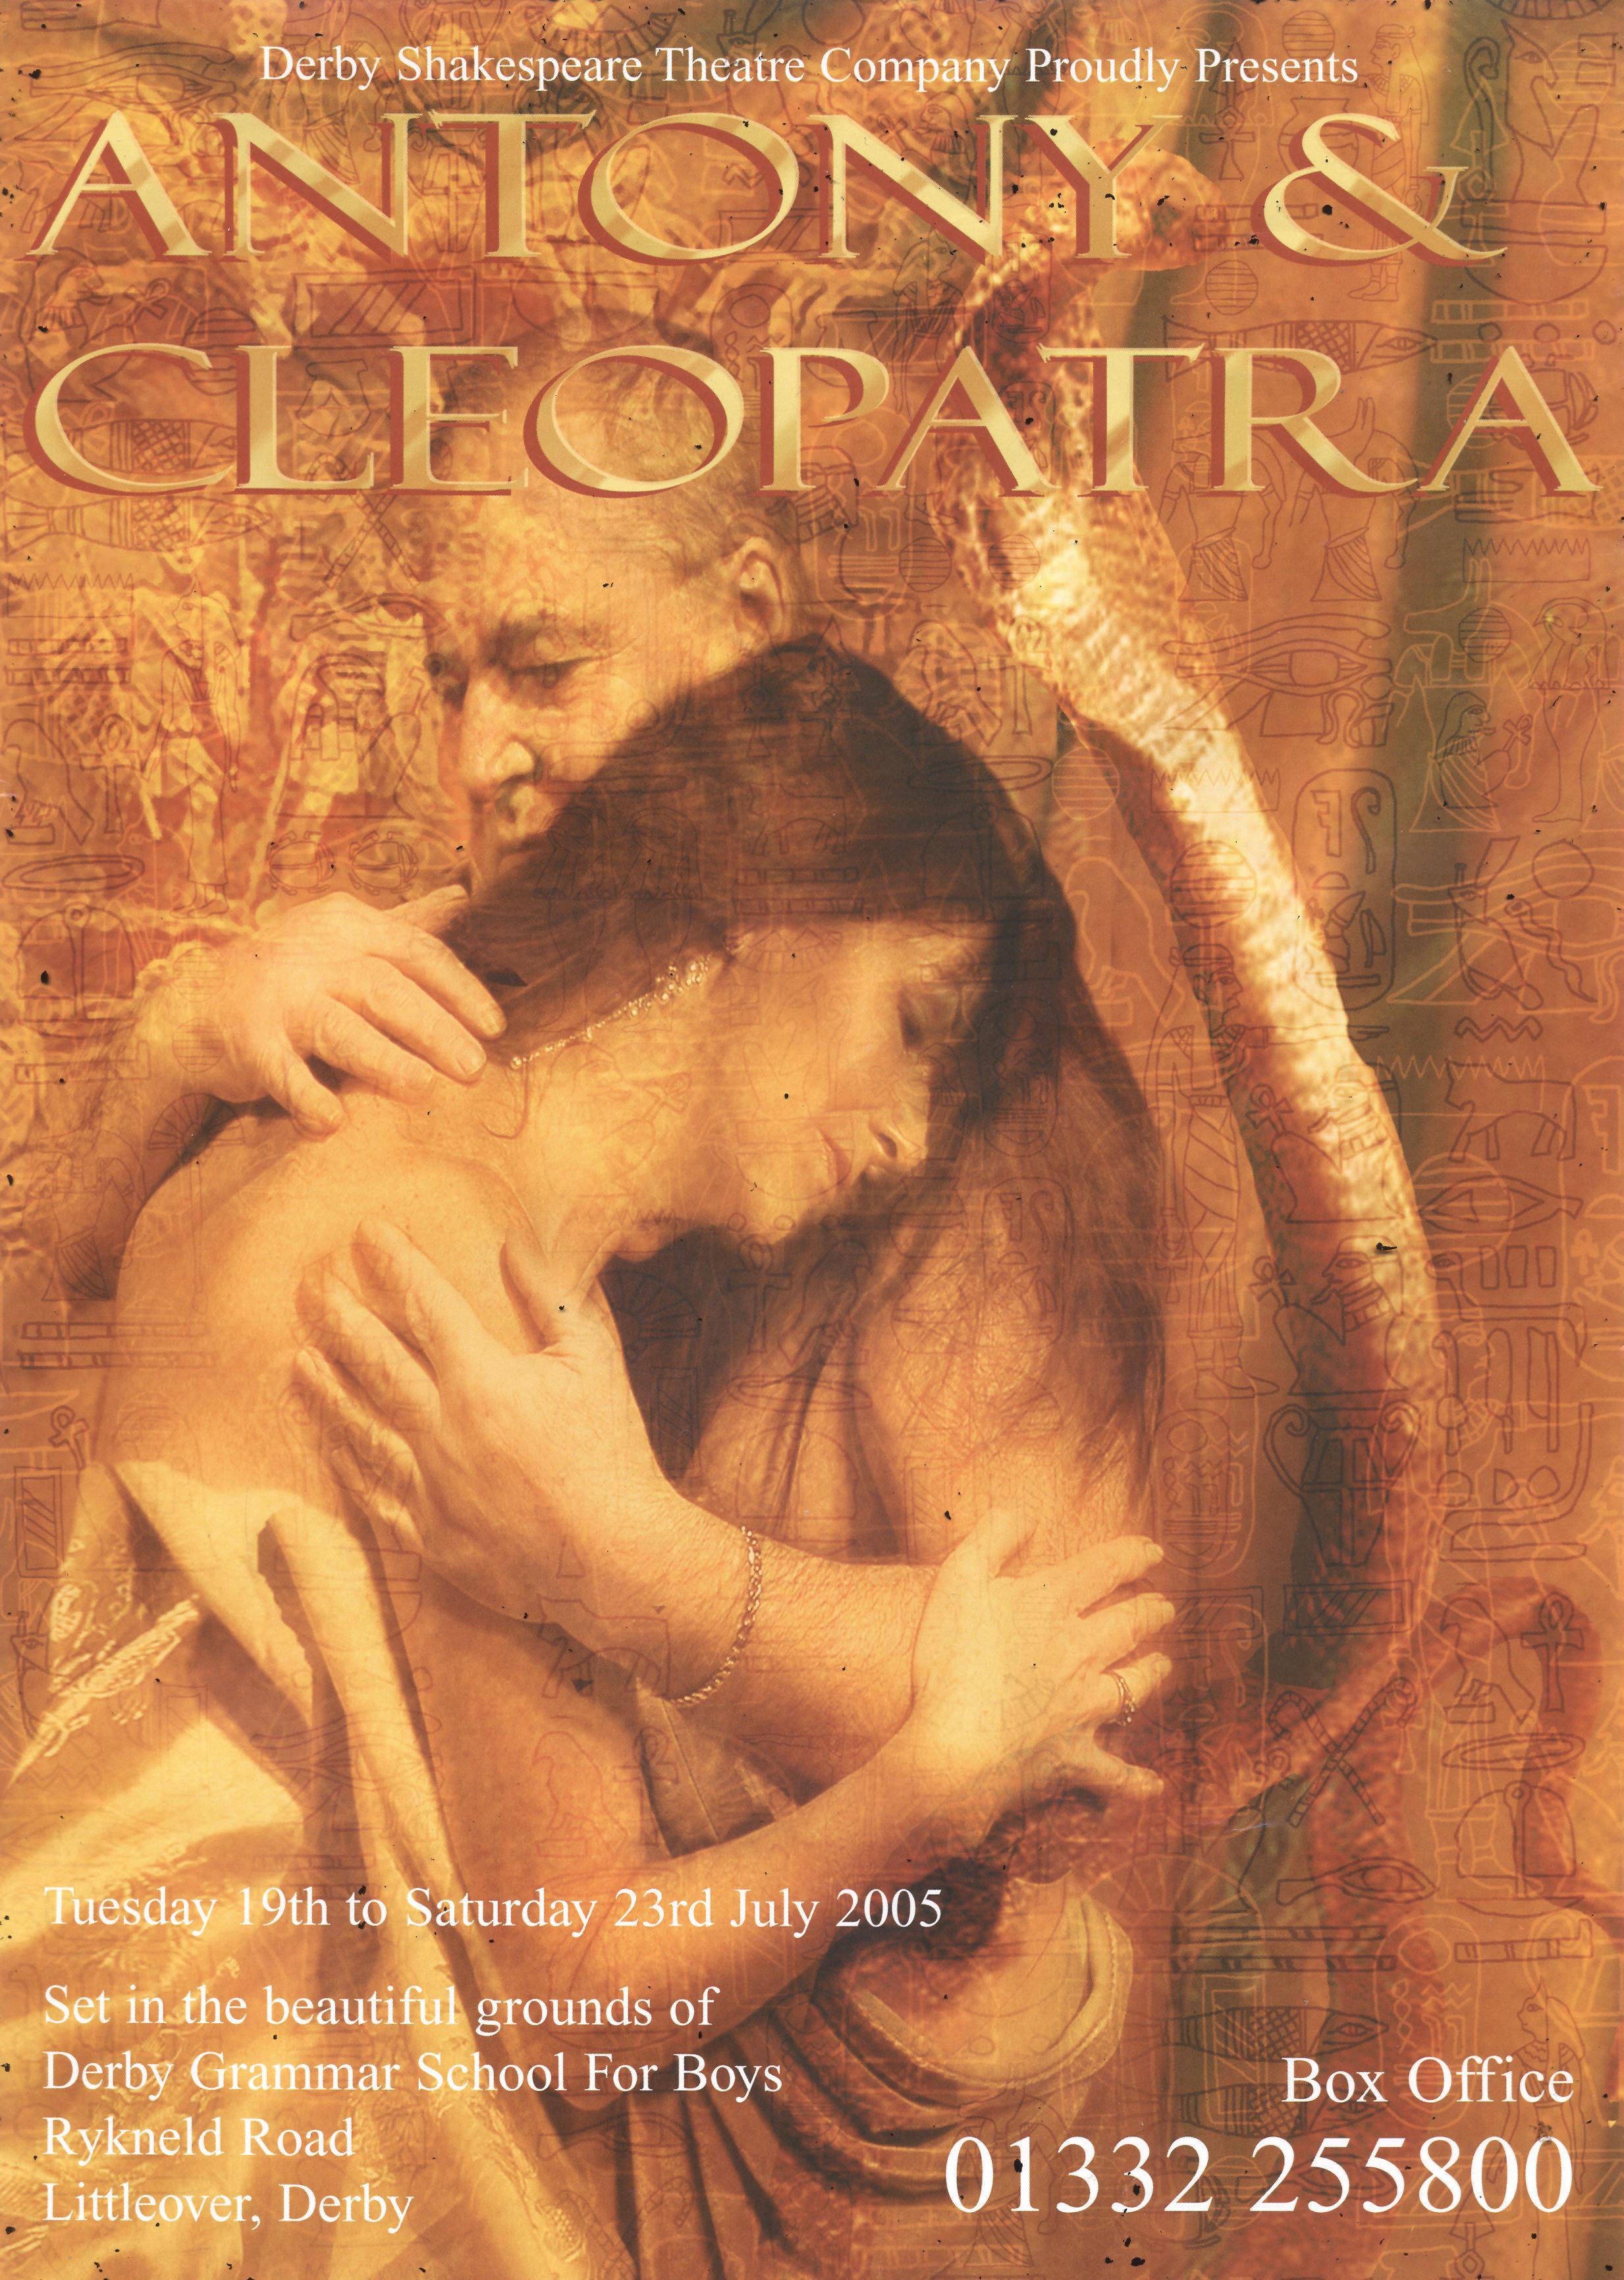 'Antony & Cleopatra' 2005